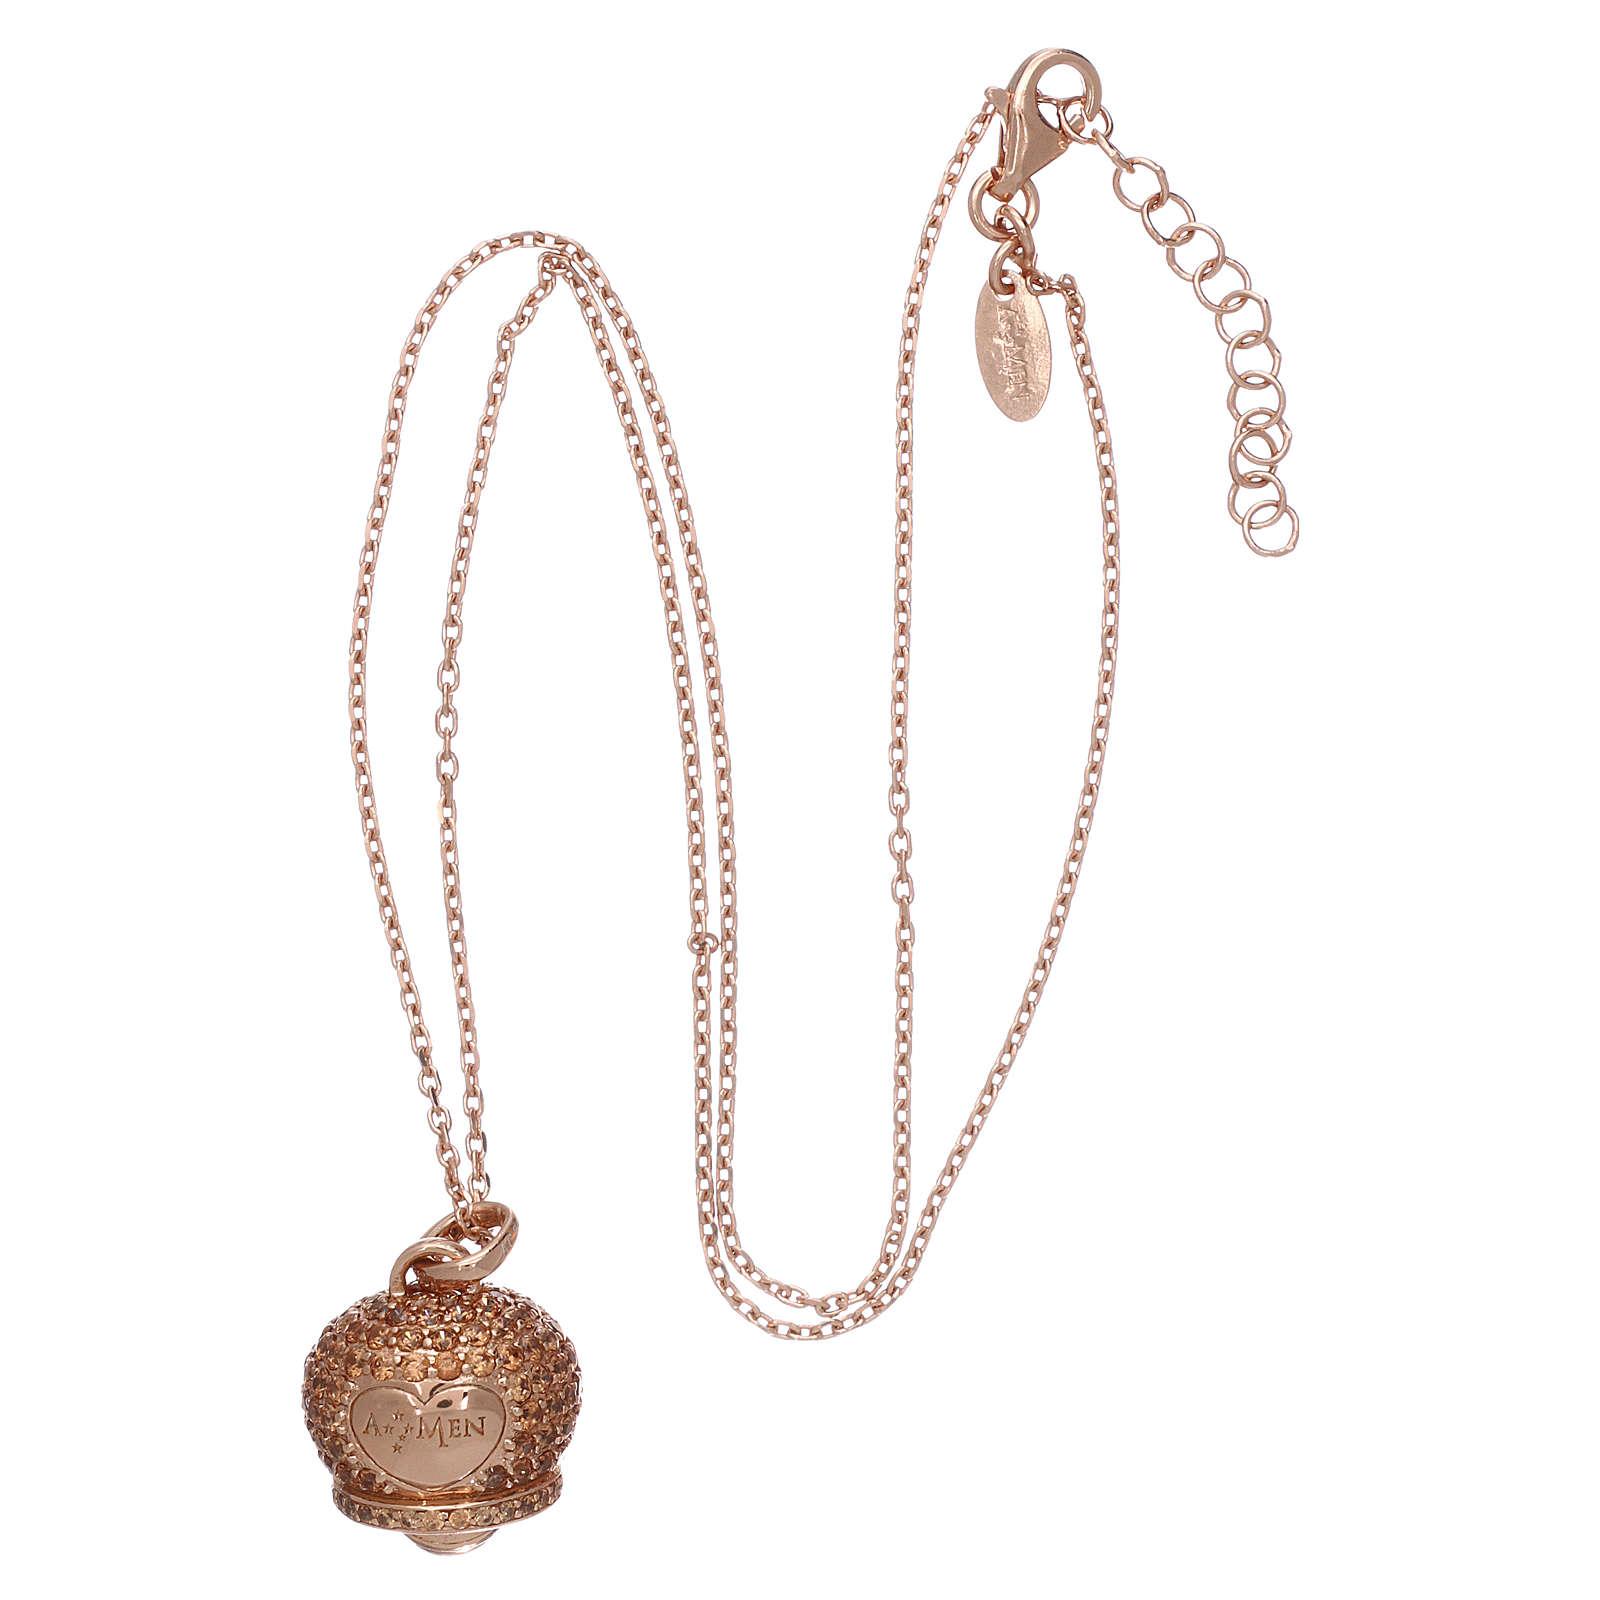 Collier AMEN en argent 925 rosé pendentif clochette avec zircons 4